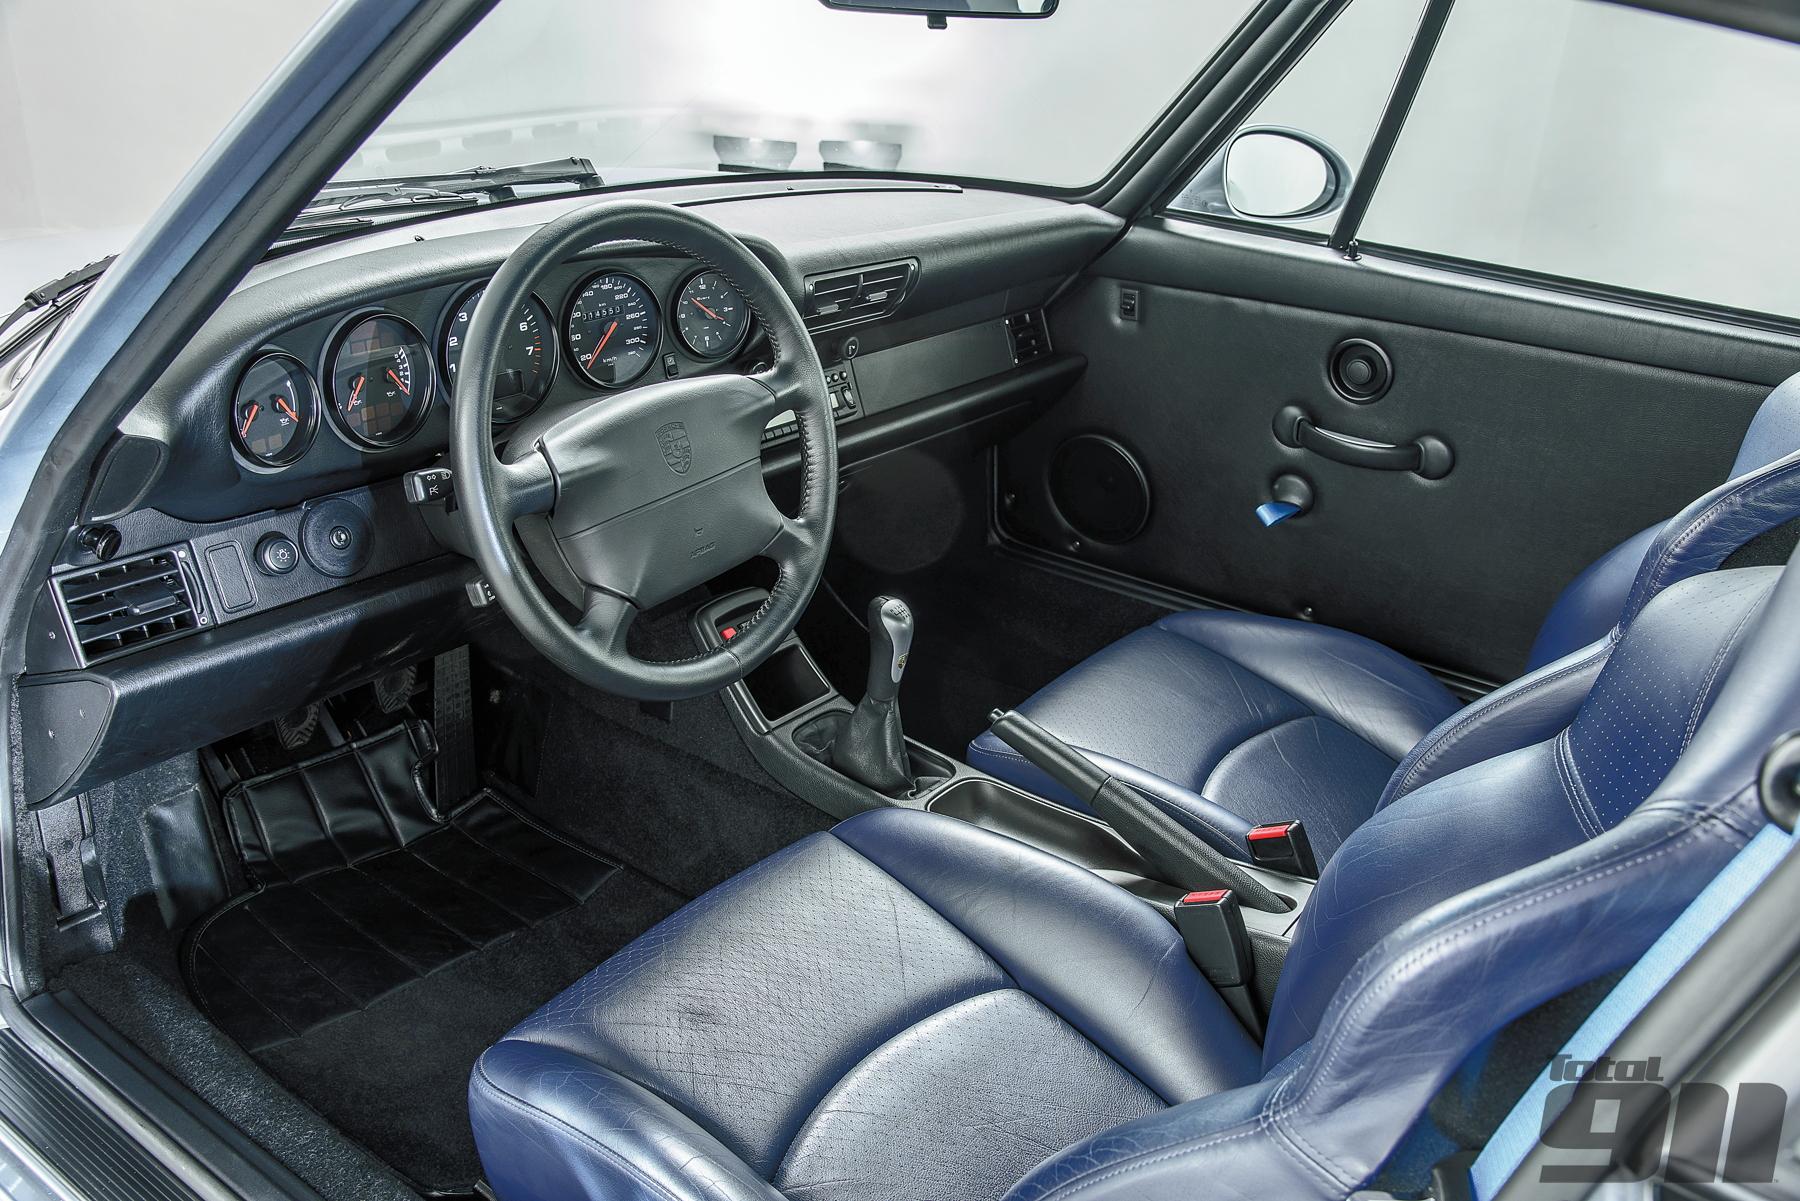 Porsche 993 GT2 interior